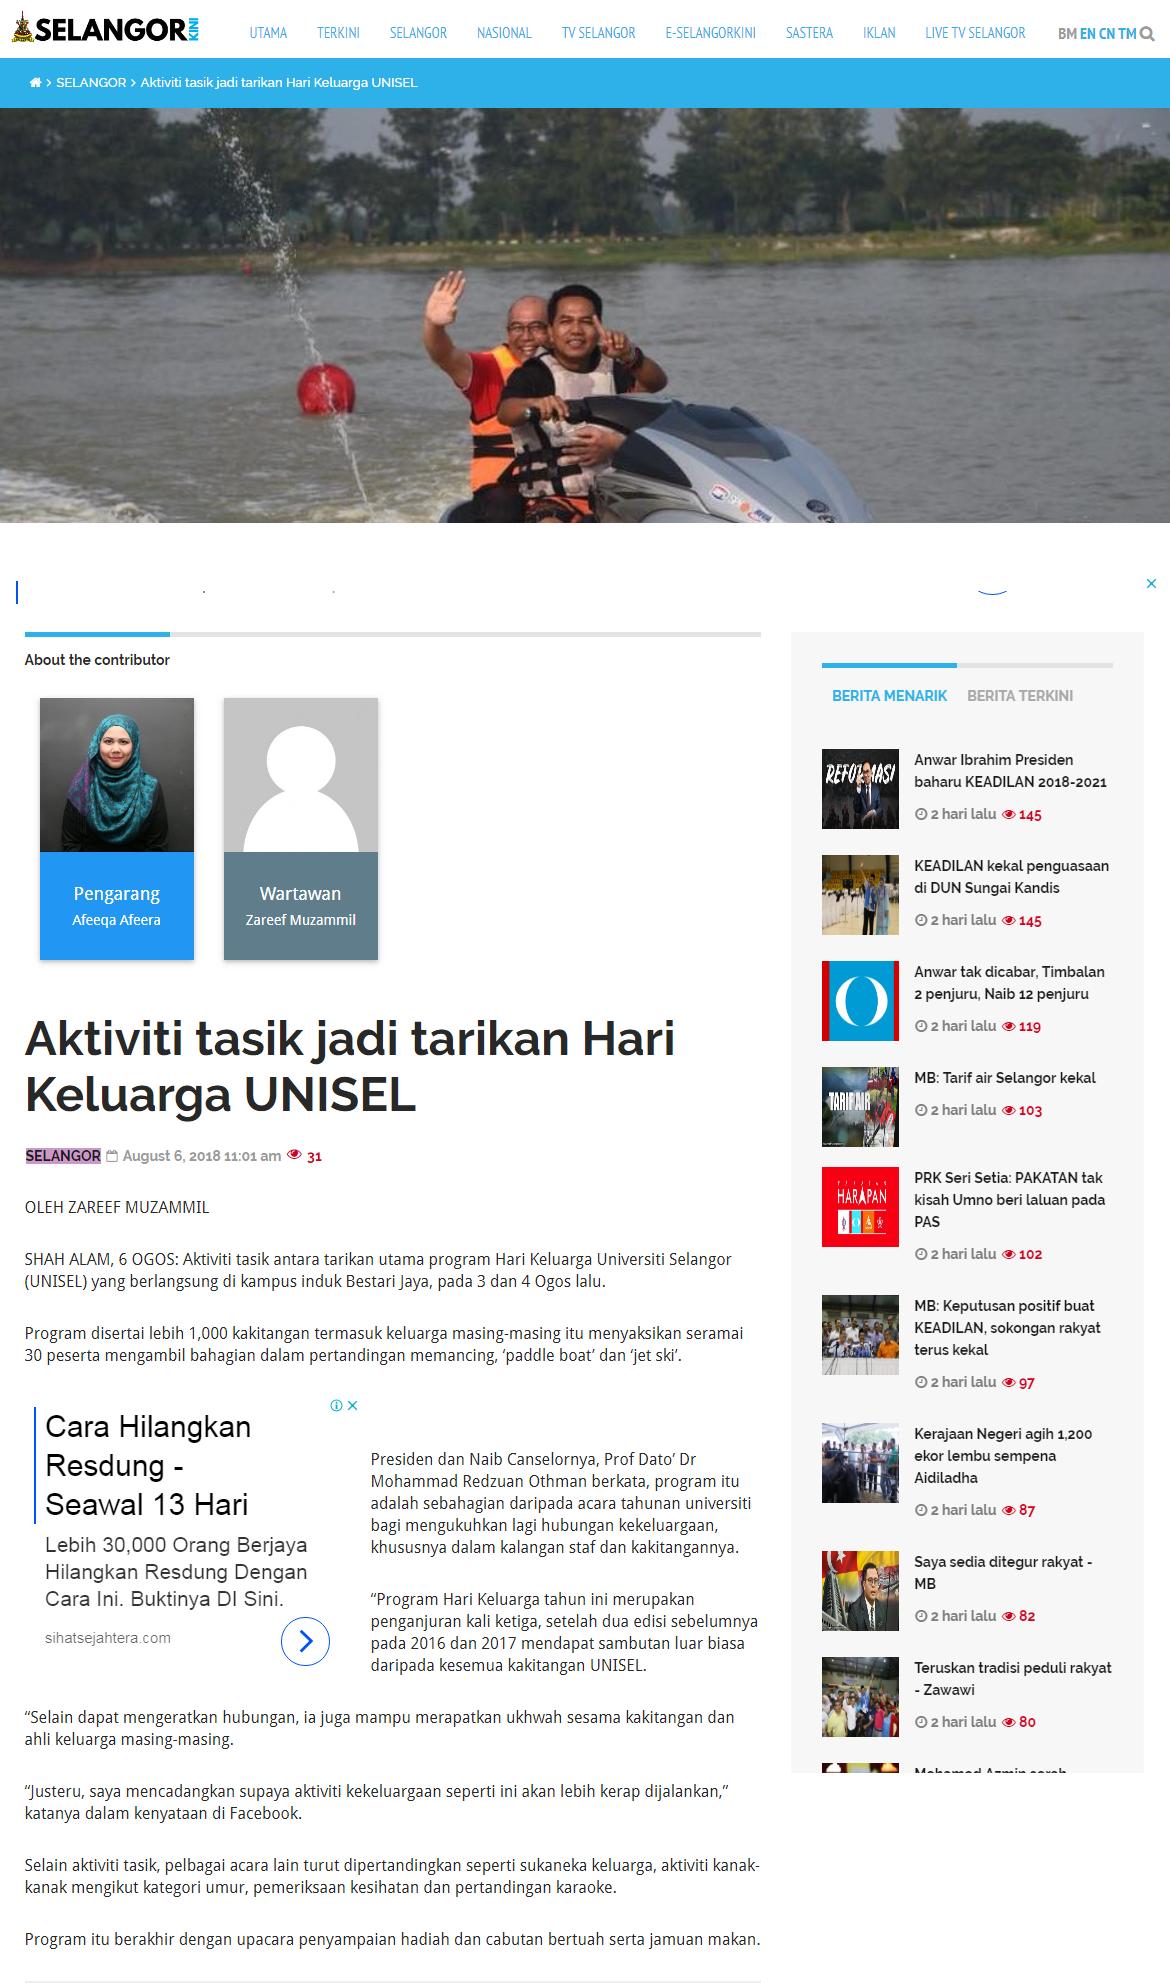 Selangorkini Online - 6 Ogos 2018 (Isnin)